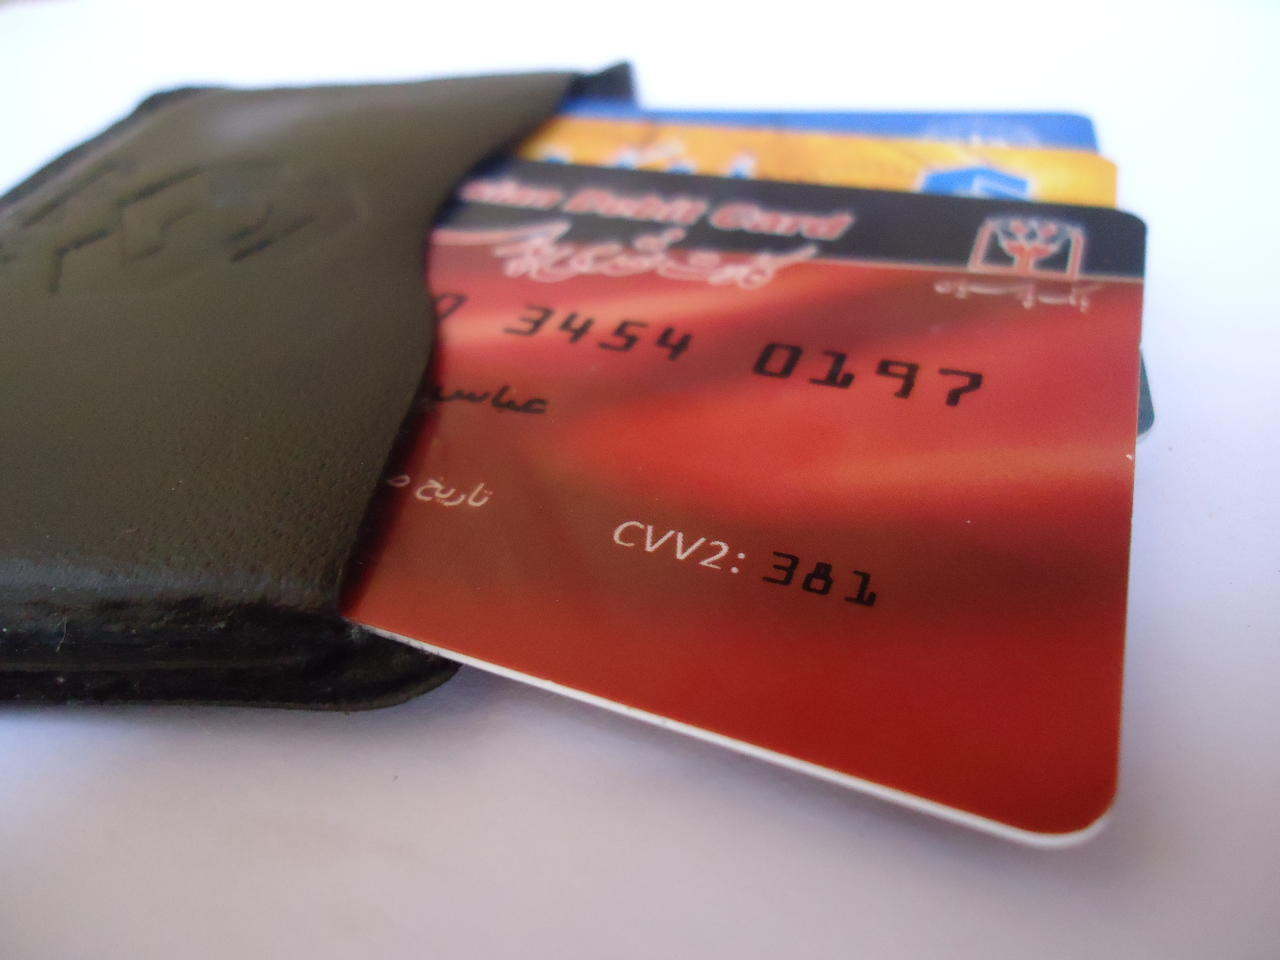 انخفاض الاحتيال ببطاقات الائتمان في دبي